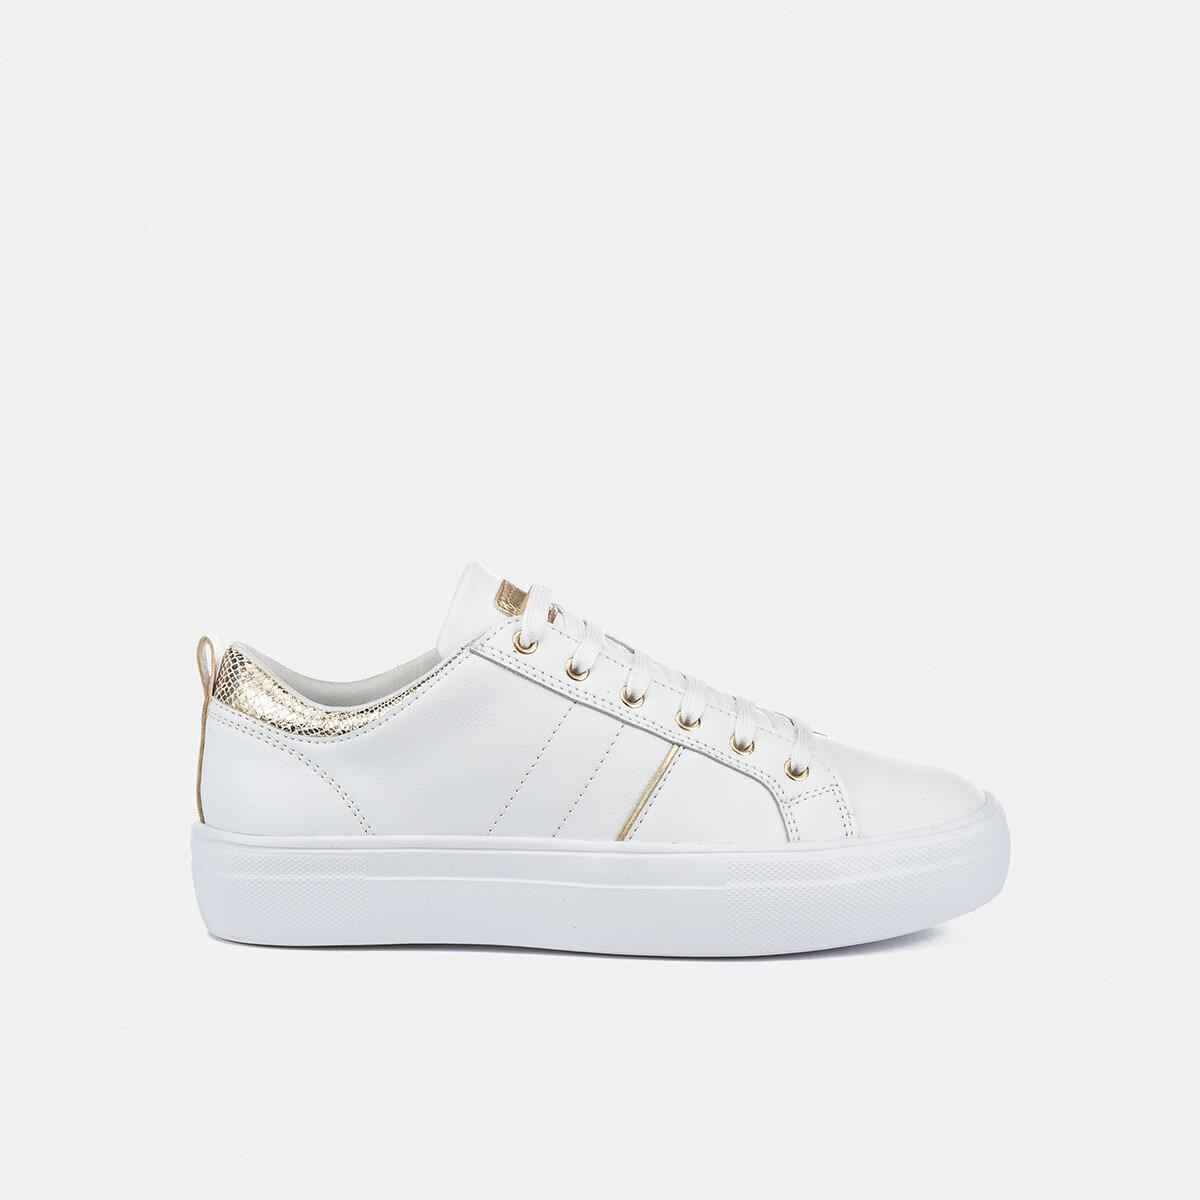 DORIS WHITE/GOLD Woman Sneakers